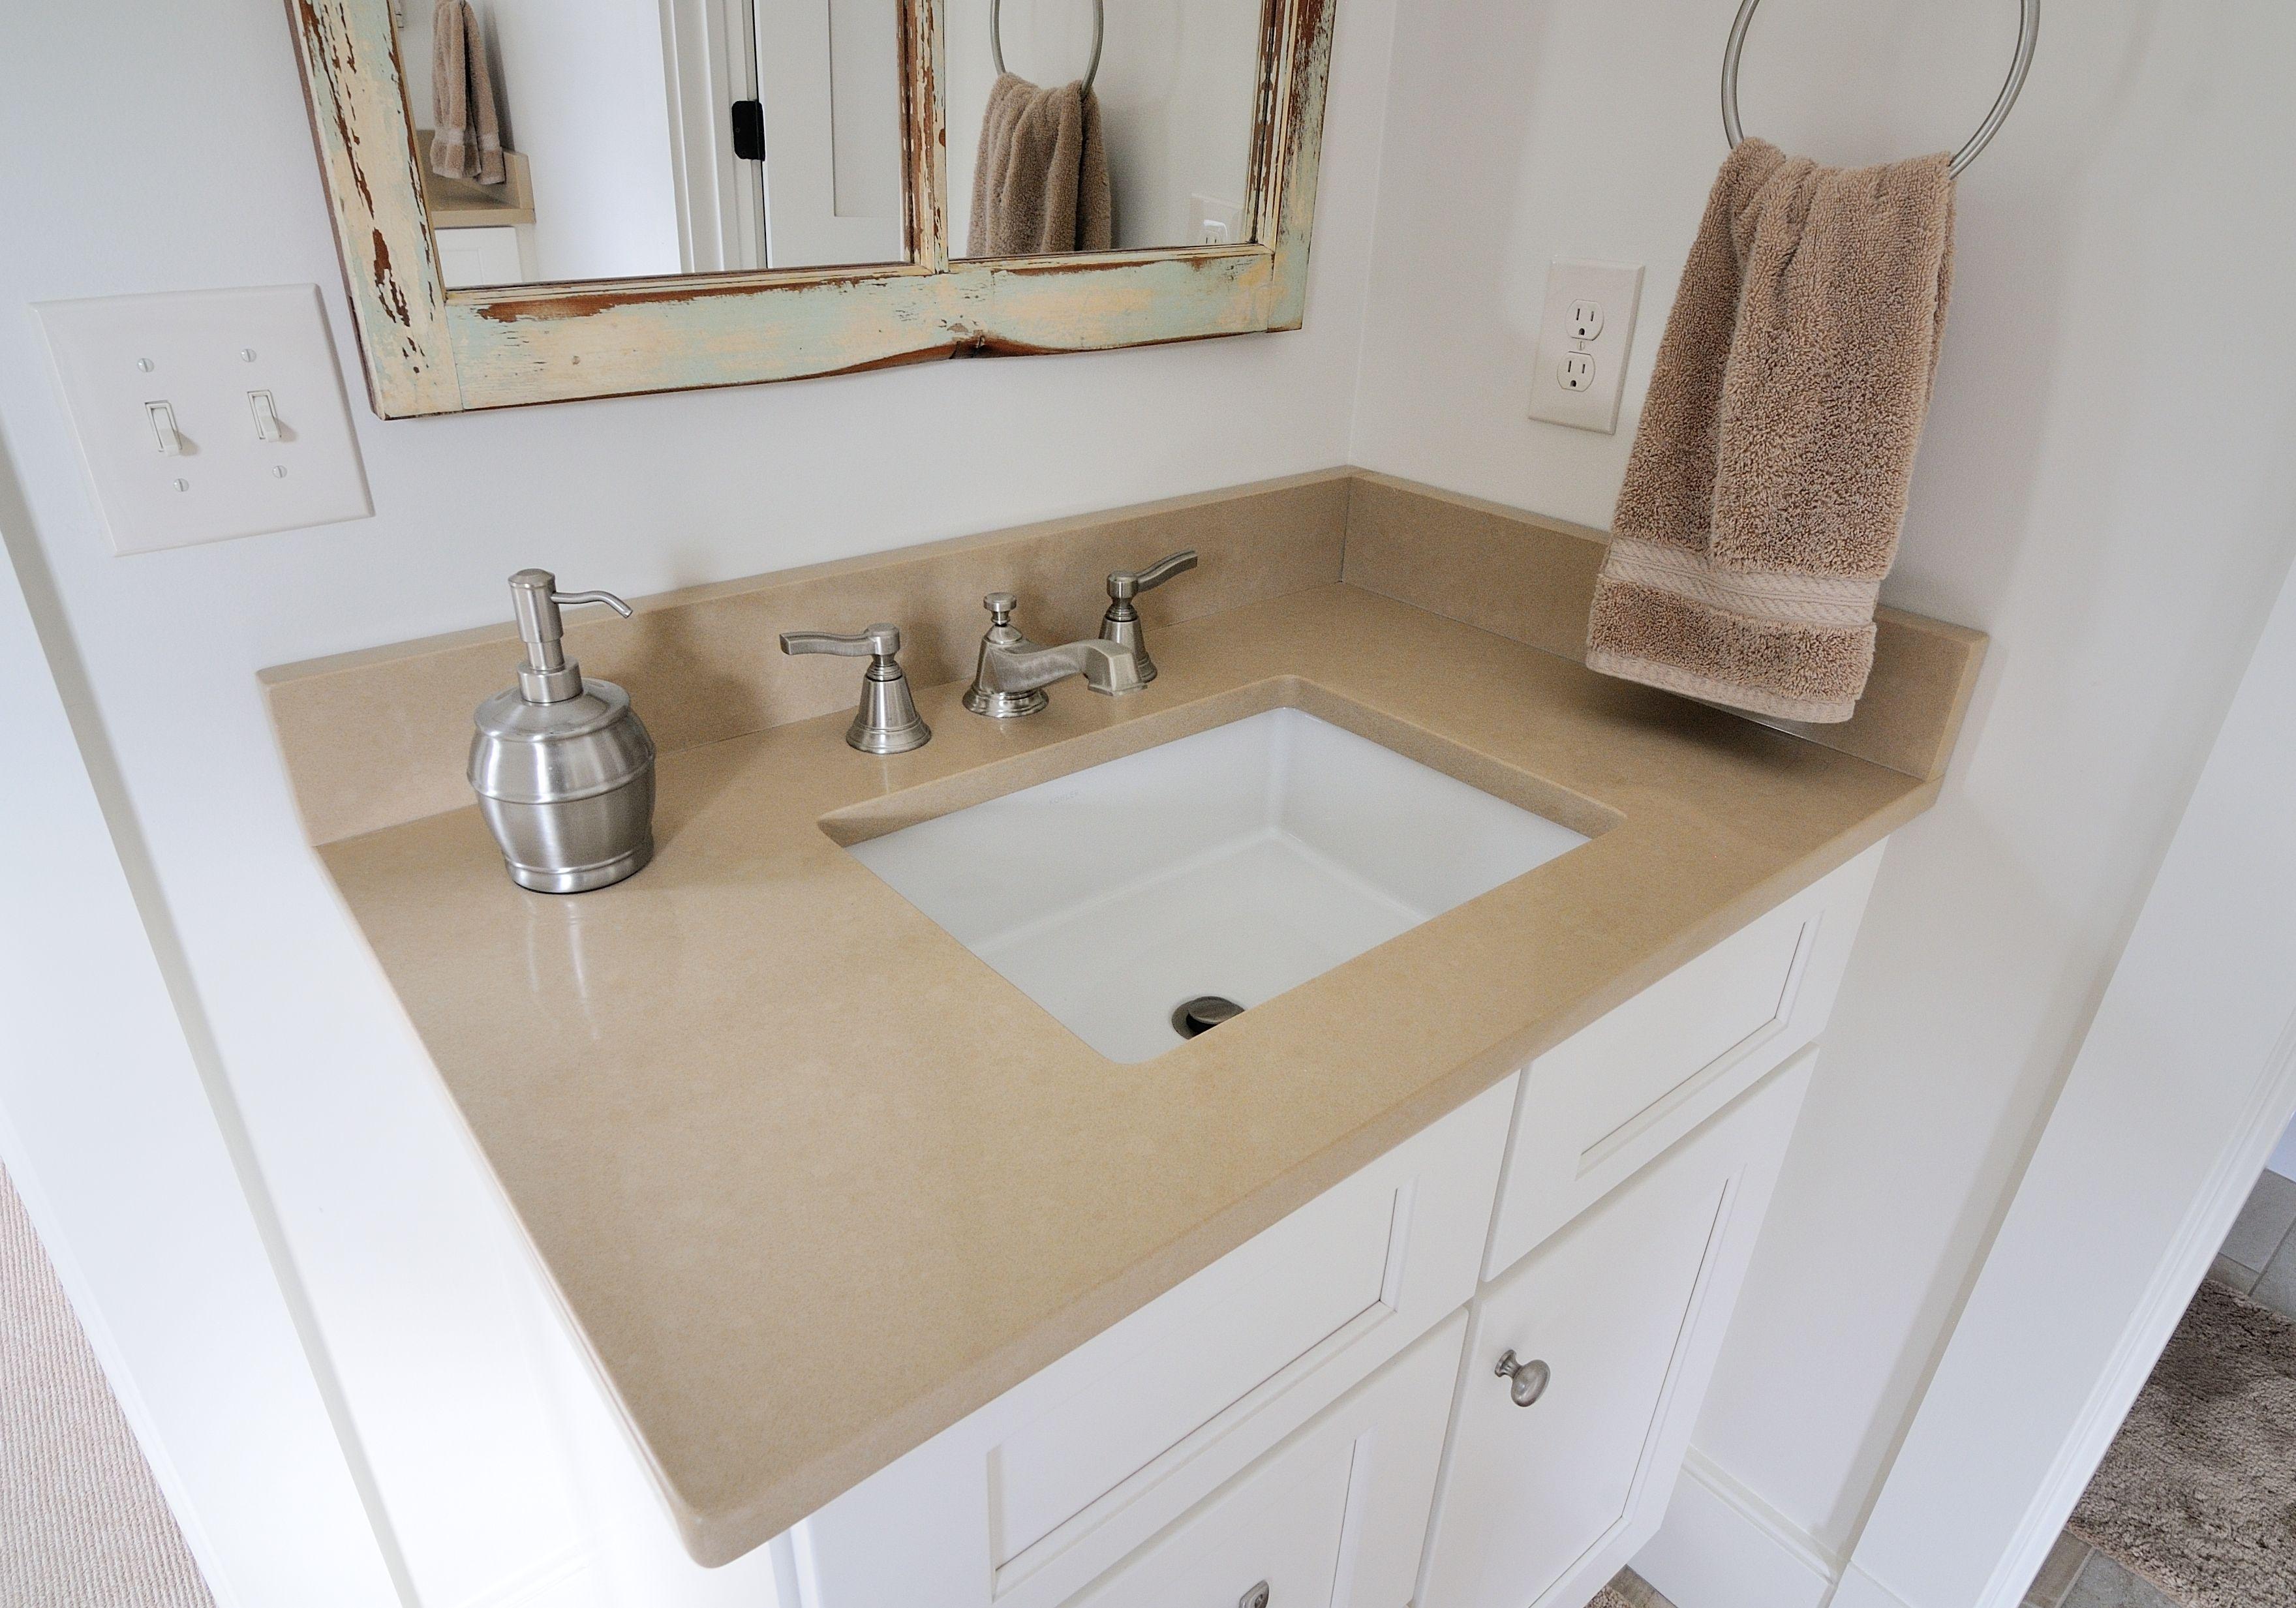 Bathroom Countertops Product : Cambria cuddington bathroom countertop by atlanta kitchen